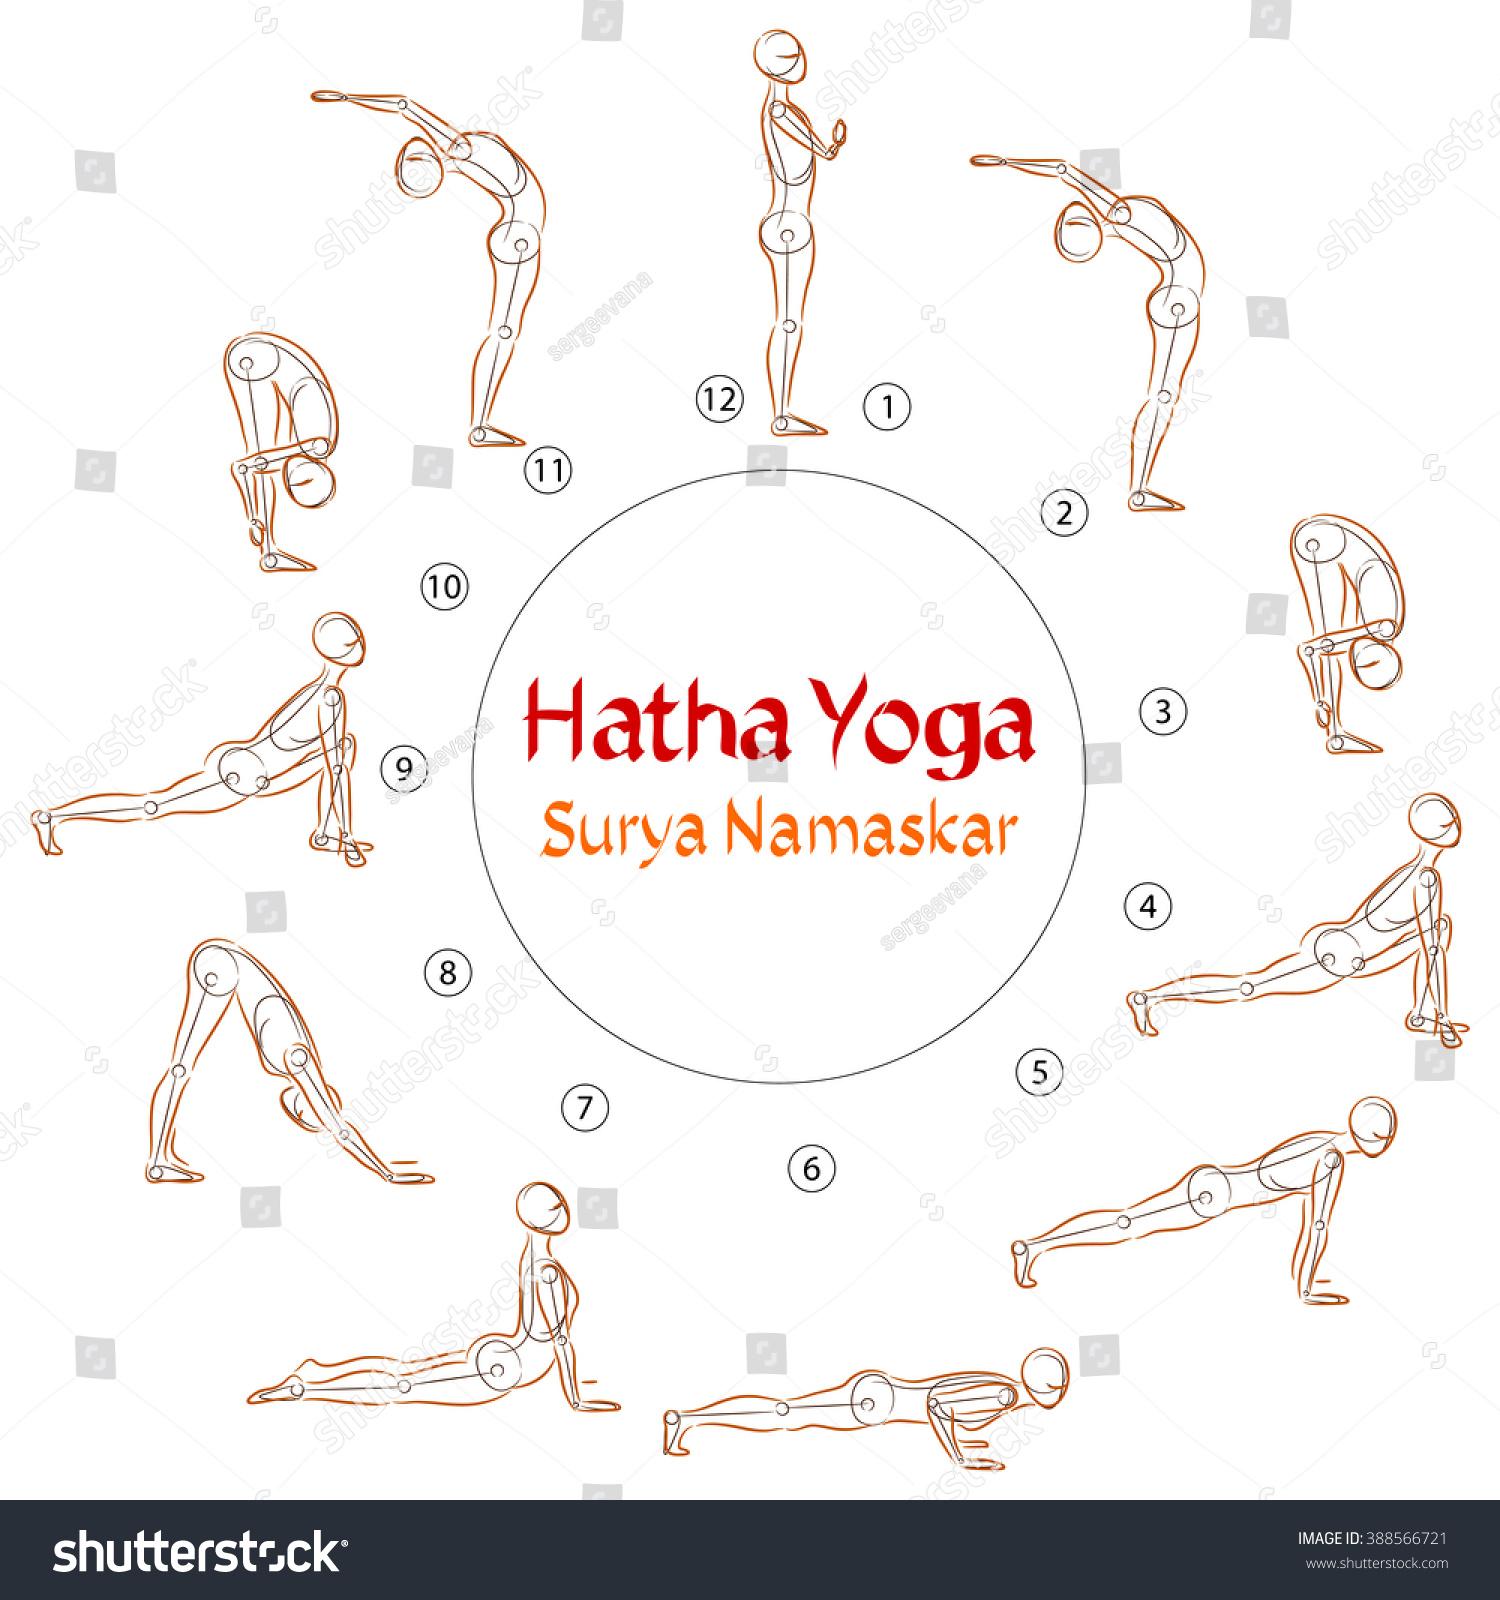 Hatha Yoga Surya Namaskar Asanas Stock Vector 388566721 - Shutterstock